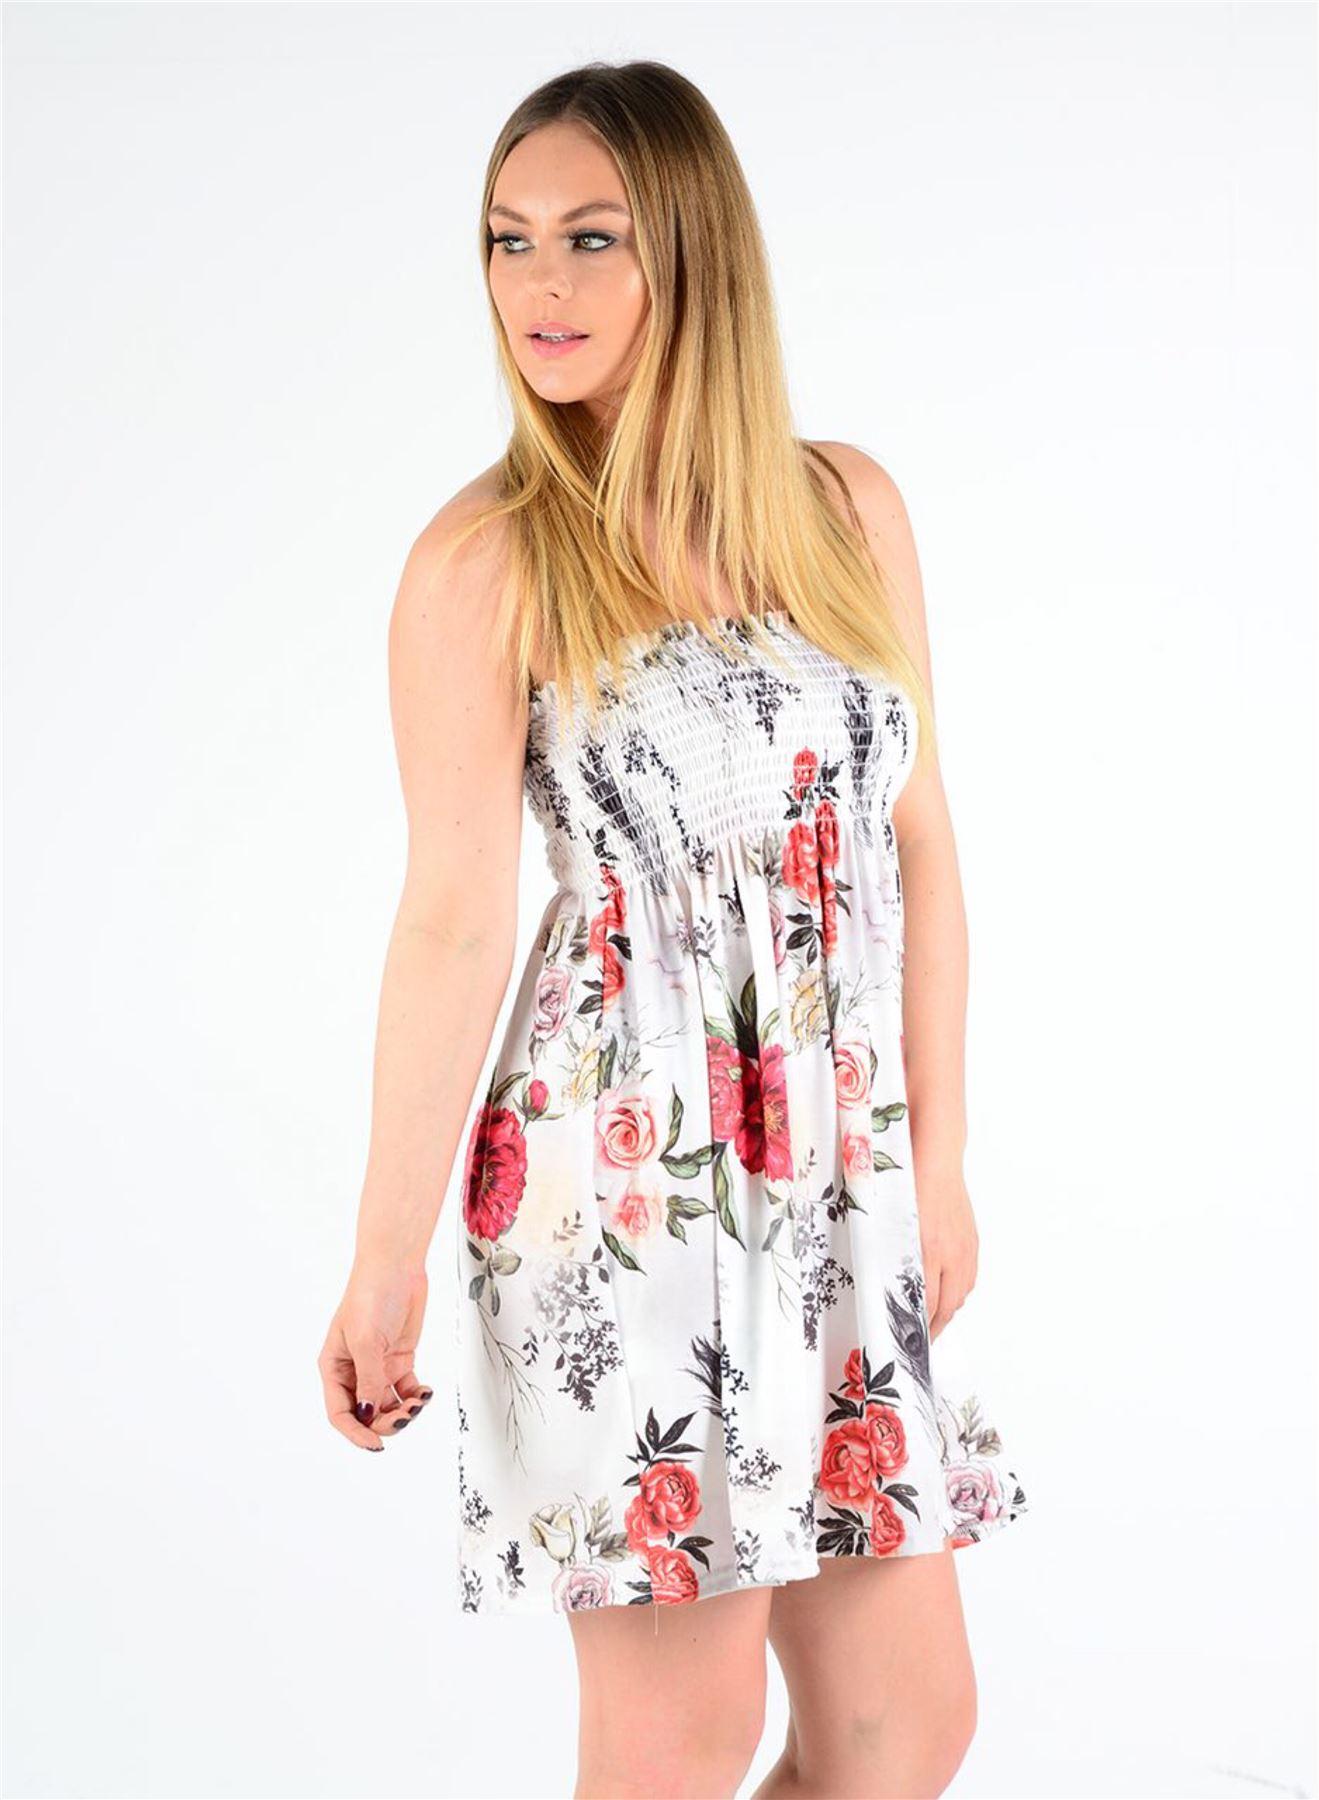 Nouveau Haut Mini Floral Feuille imprimer rapport réunis Haut Bandeau Boobtube Mini Haut Robe 4f85d1